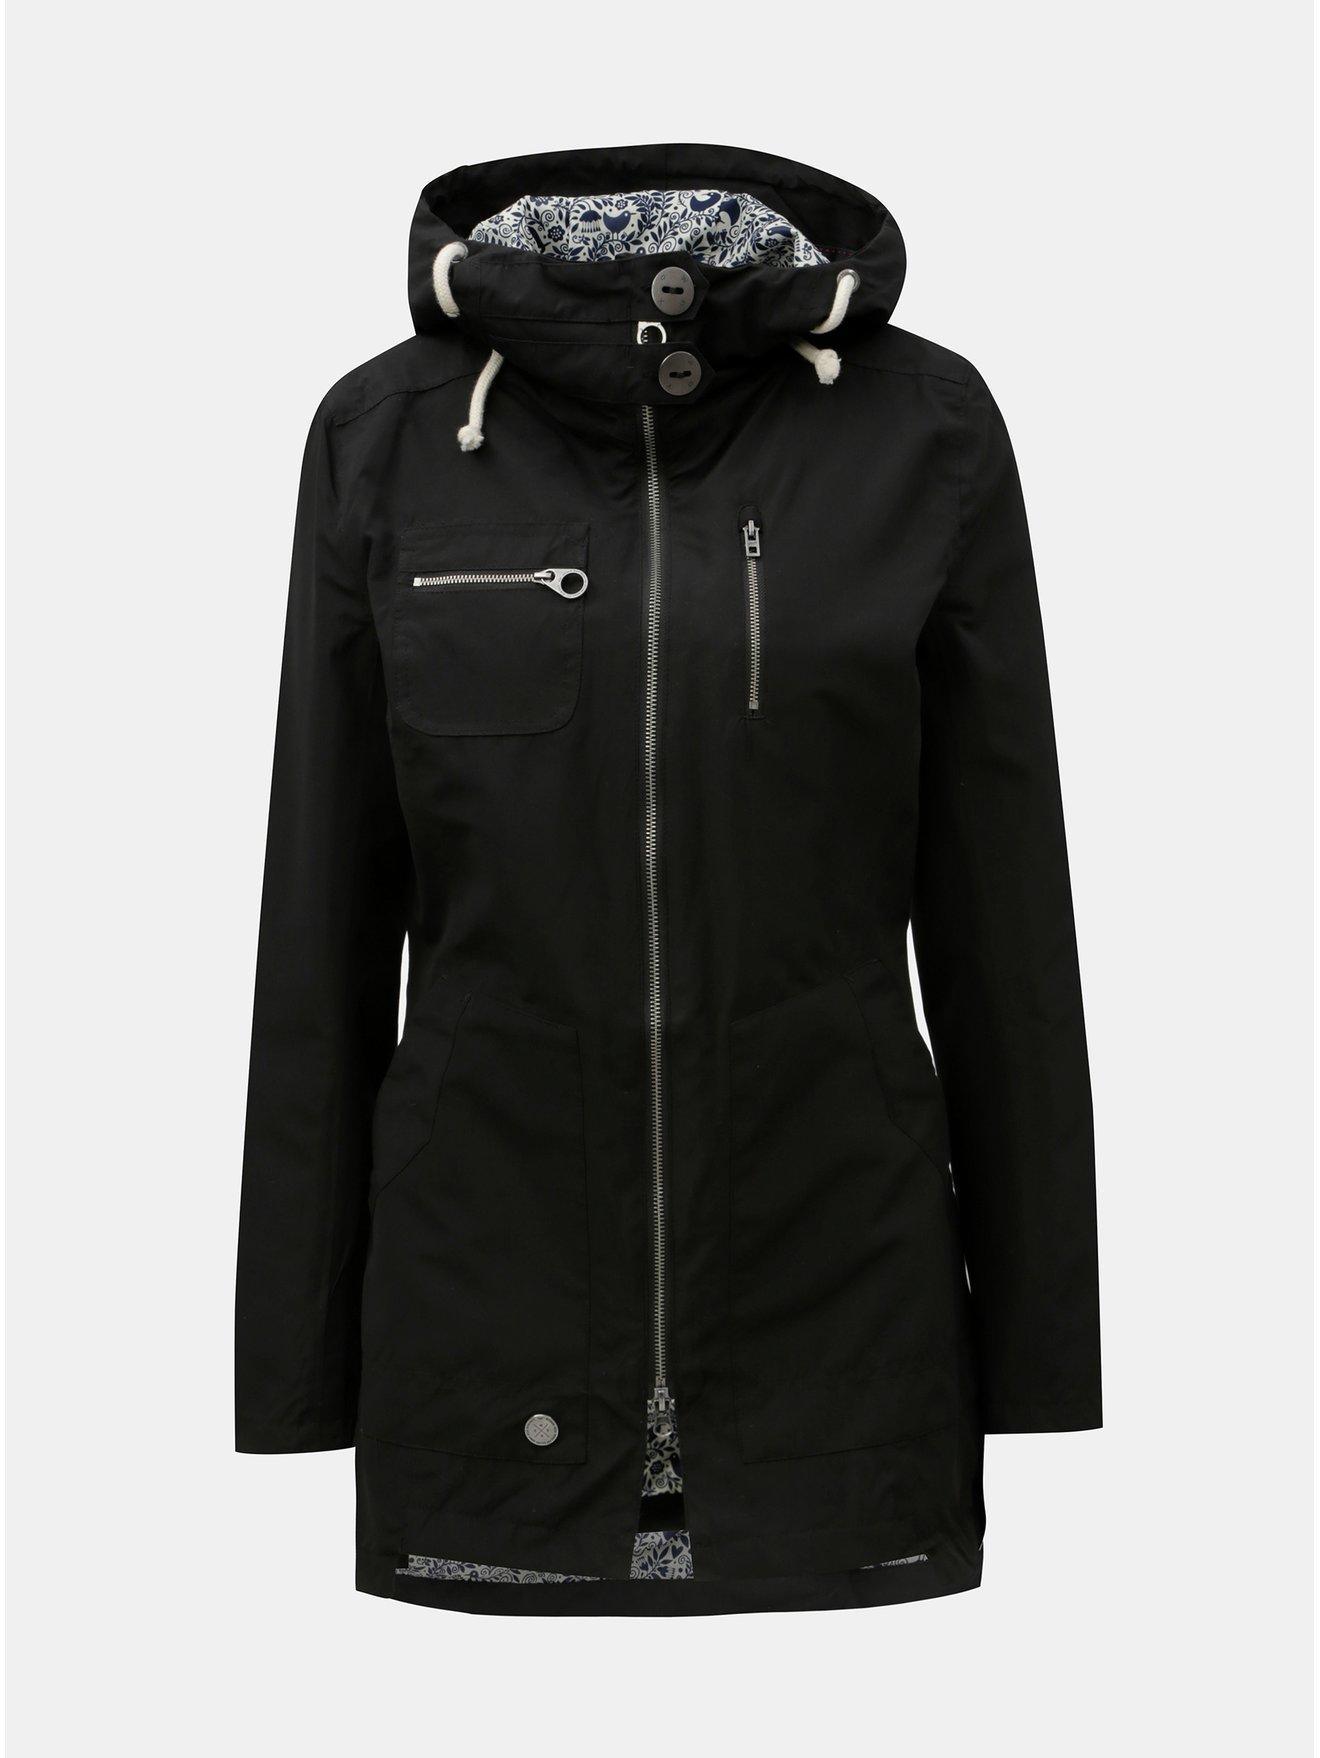 Černá dámská voděodolná bunda WOOX Ventus Urban